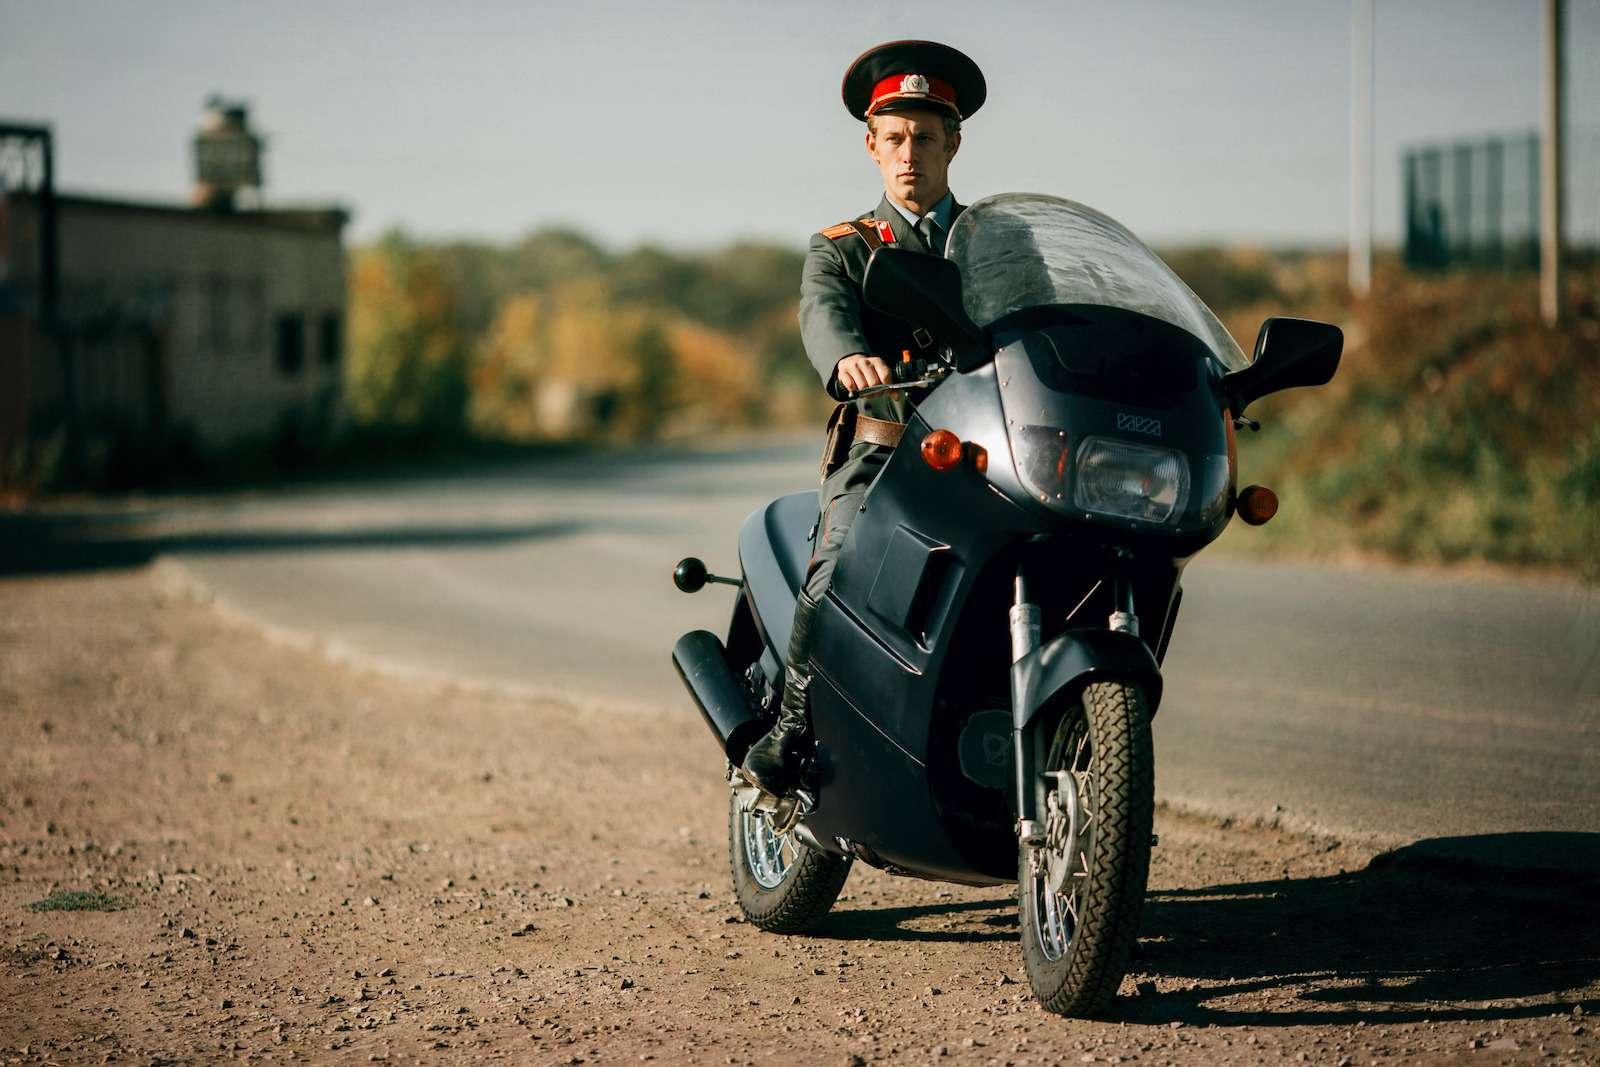 Первый советский мотоцикл сроторным двигателем: пуля сВАЗа!— фото 914954